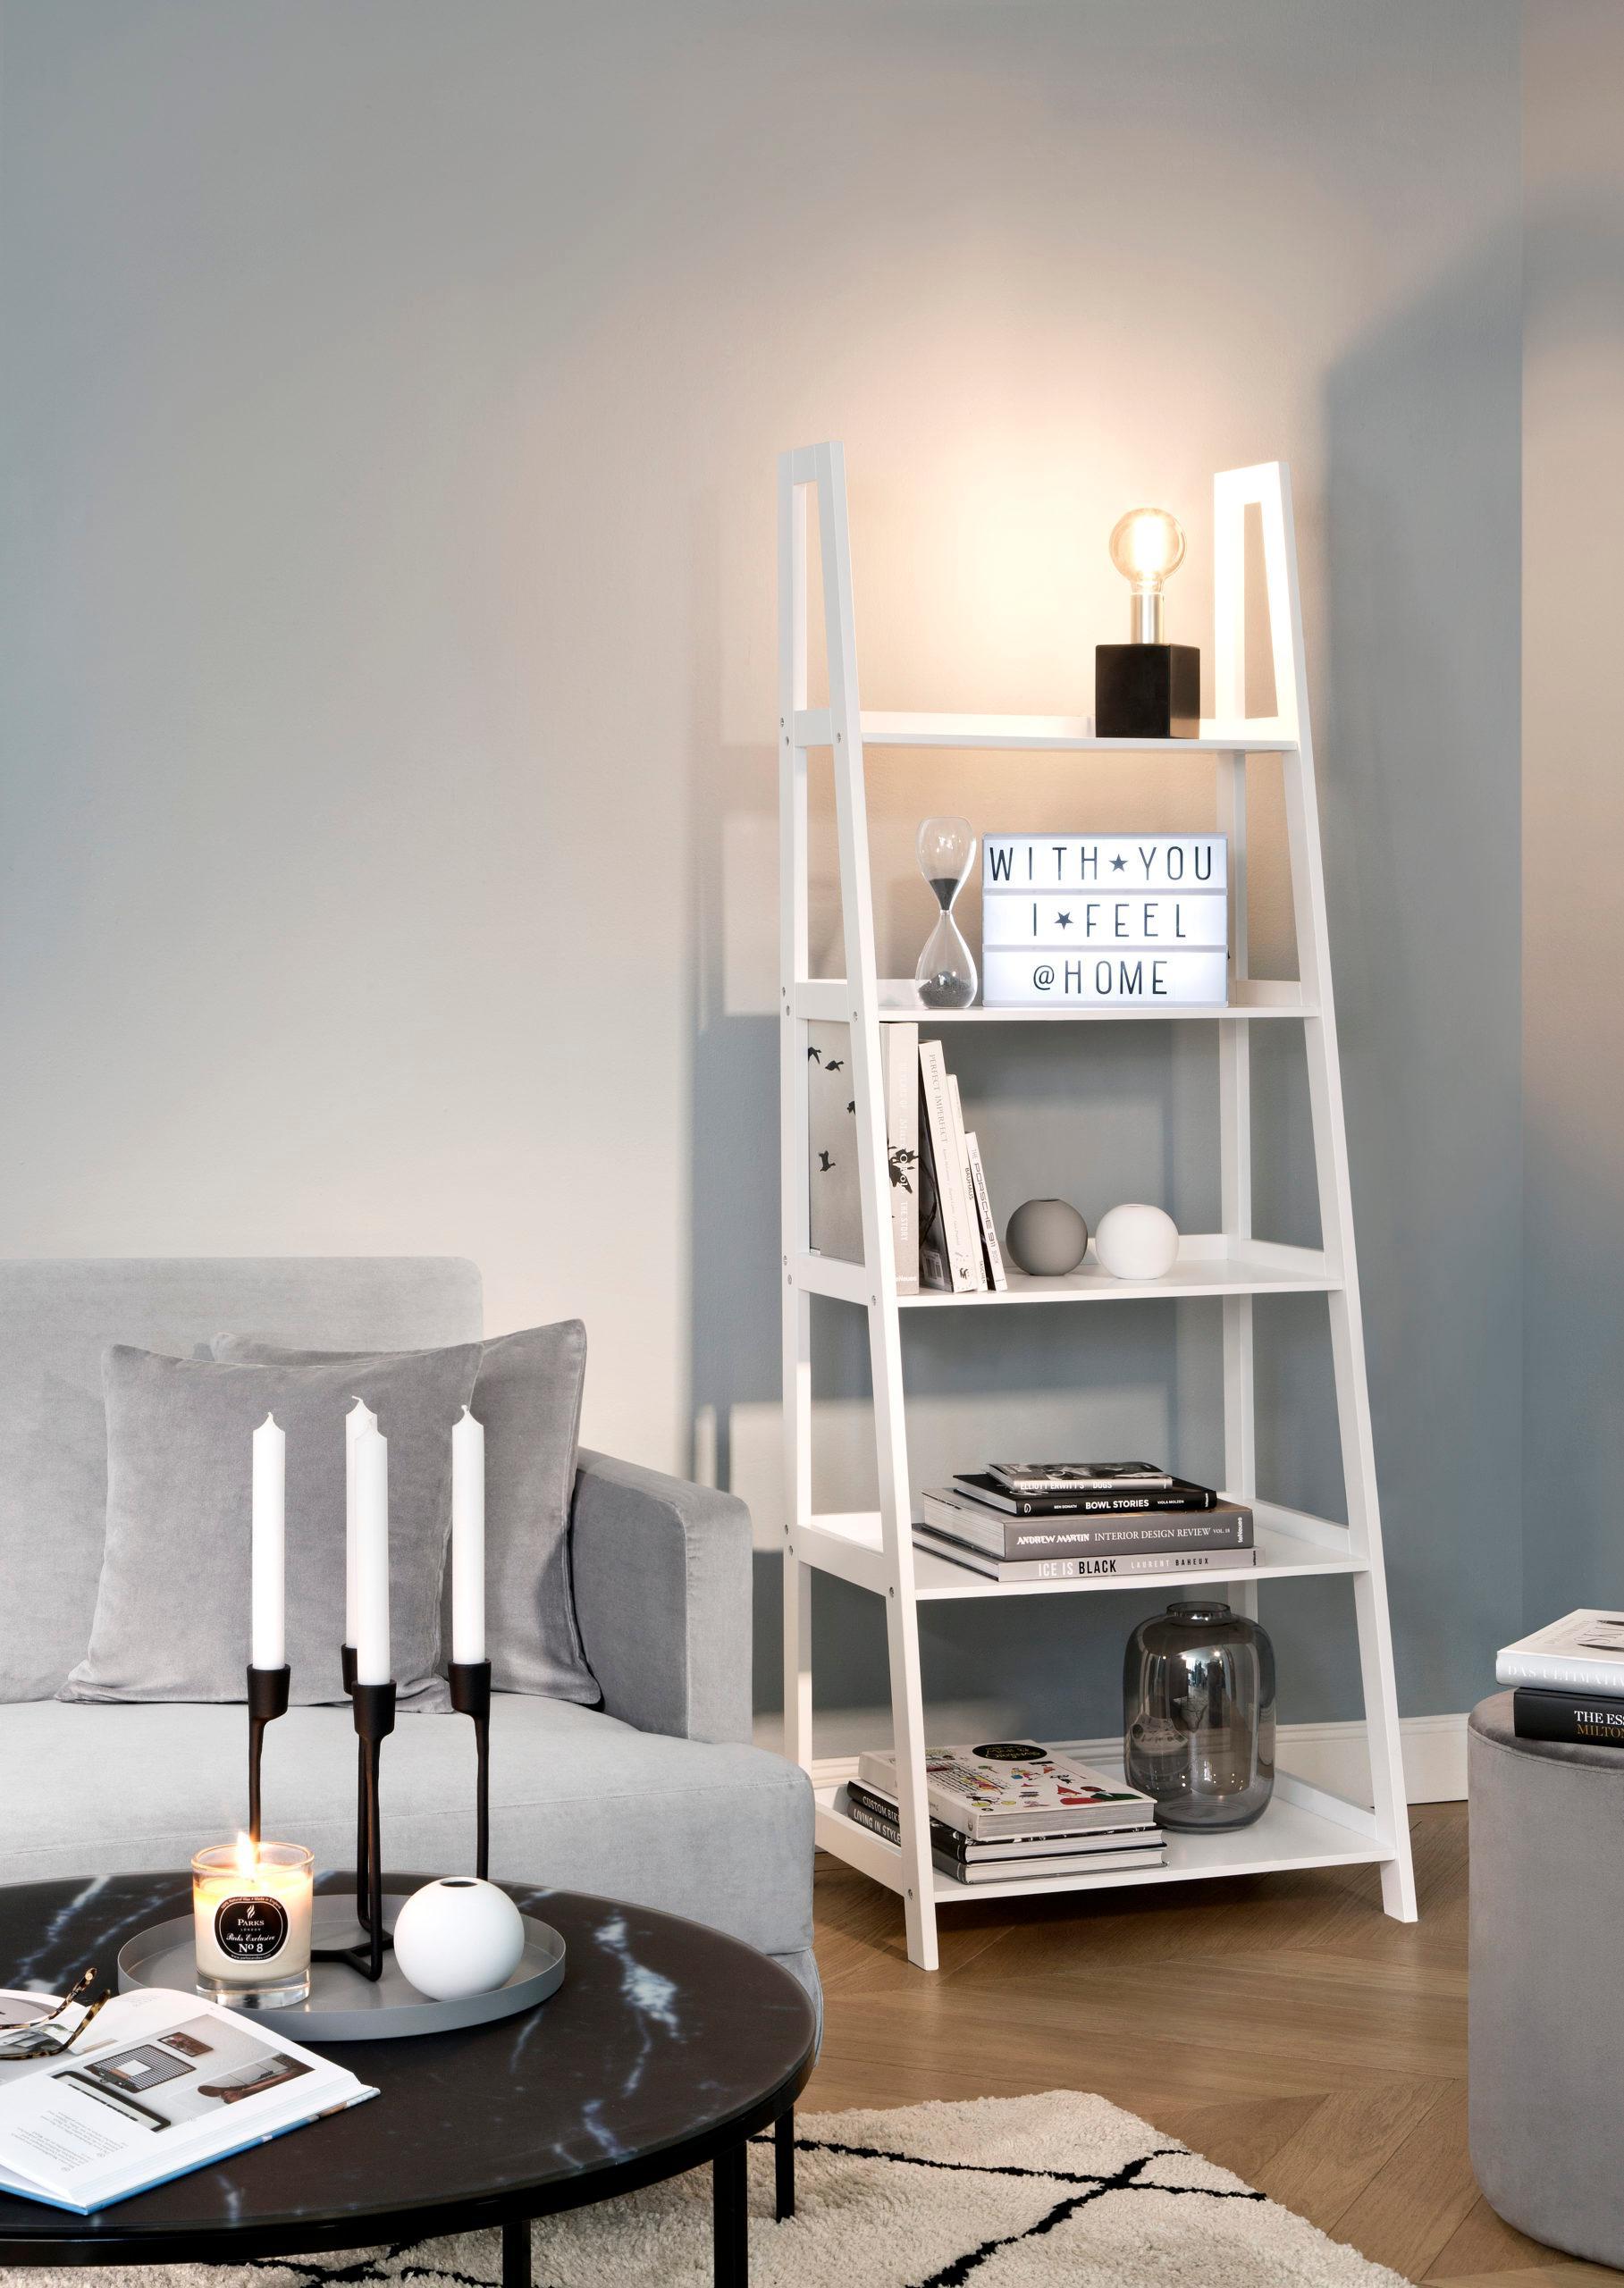 Leiterregal für Bücher mit einer Leuchte und einer Leuchtbox dekoriert